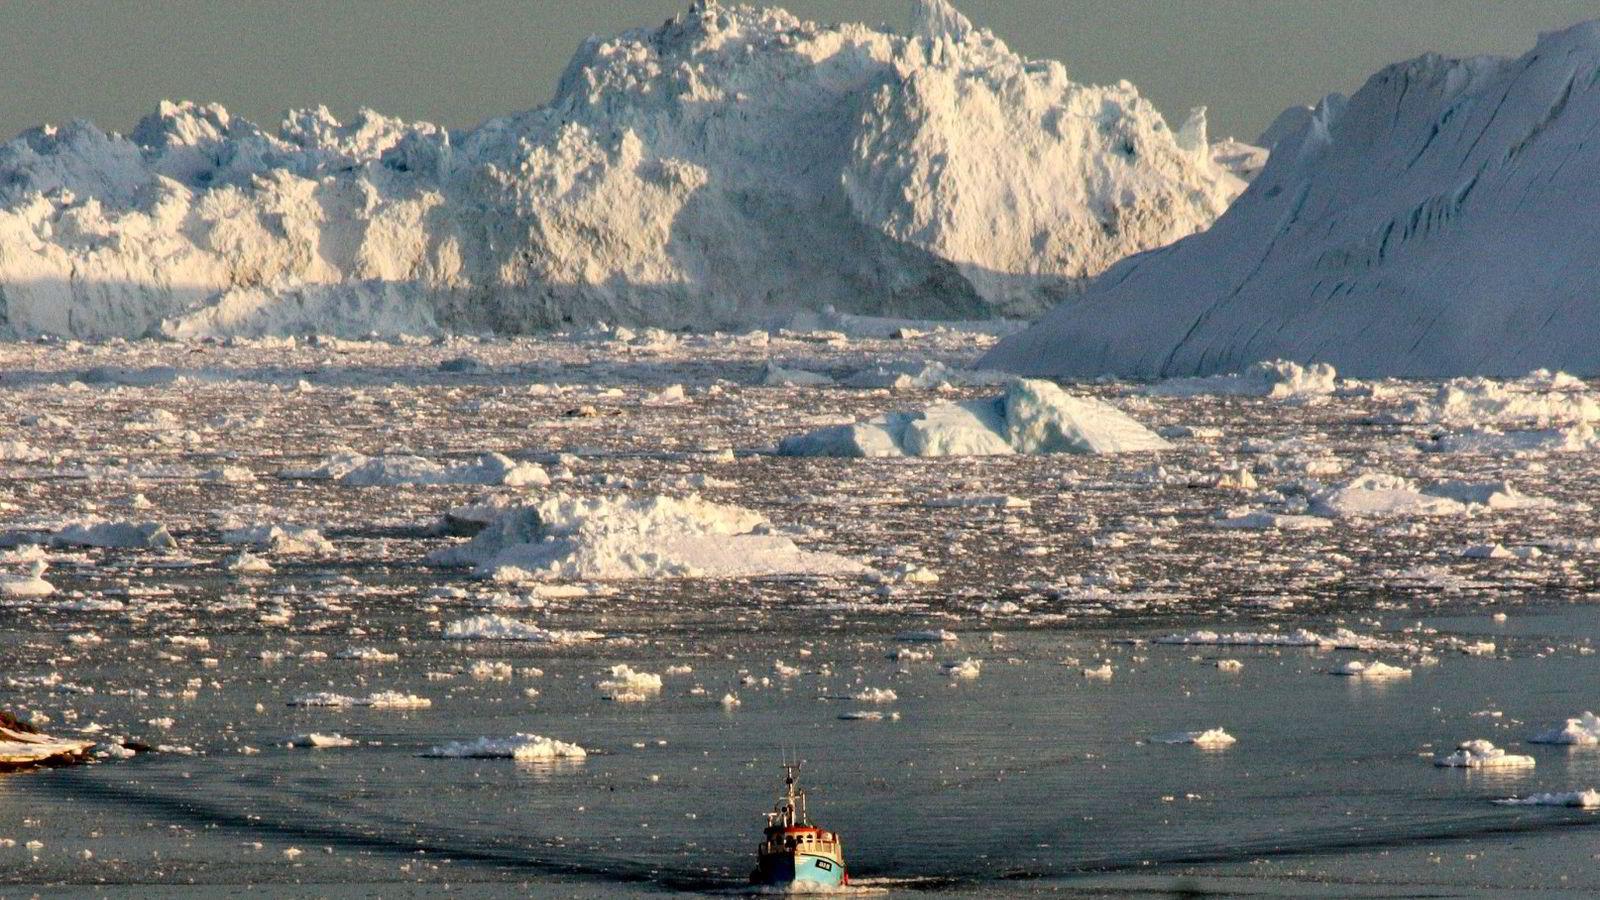 Det har forsvunnet mye innlandsis på Grønland siden år 1900. Bildet er tatt i  Ilulissat-fjorden på vestkysten av Grønland. Foto: Steen Ulrik Johannessen/AFP Photo/NTB scanpix